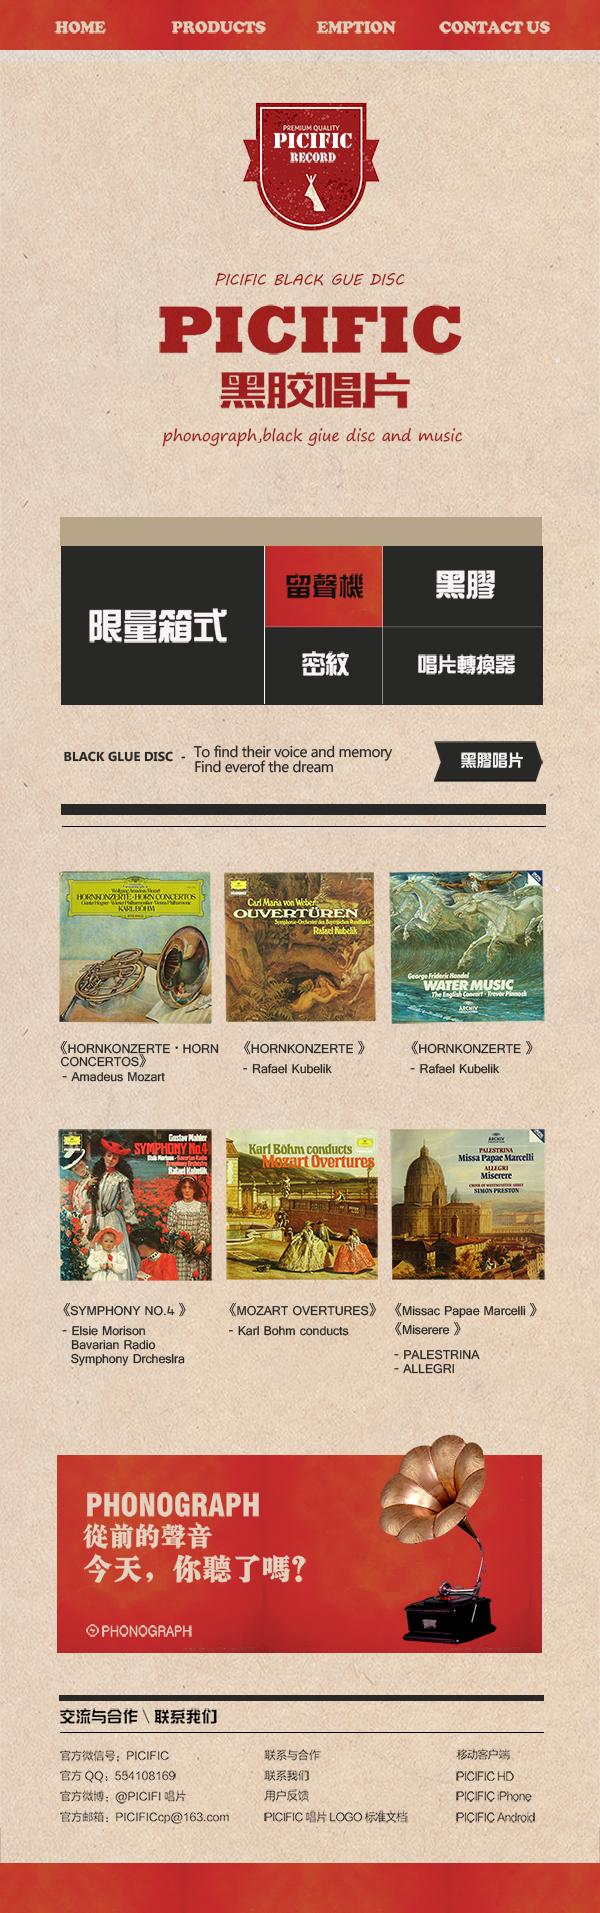 黑胶唱片电商网页设计图片